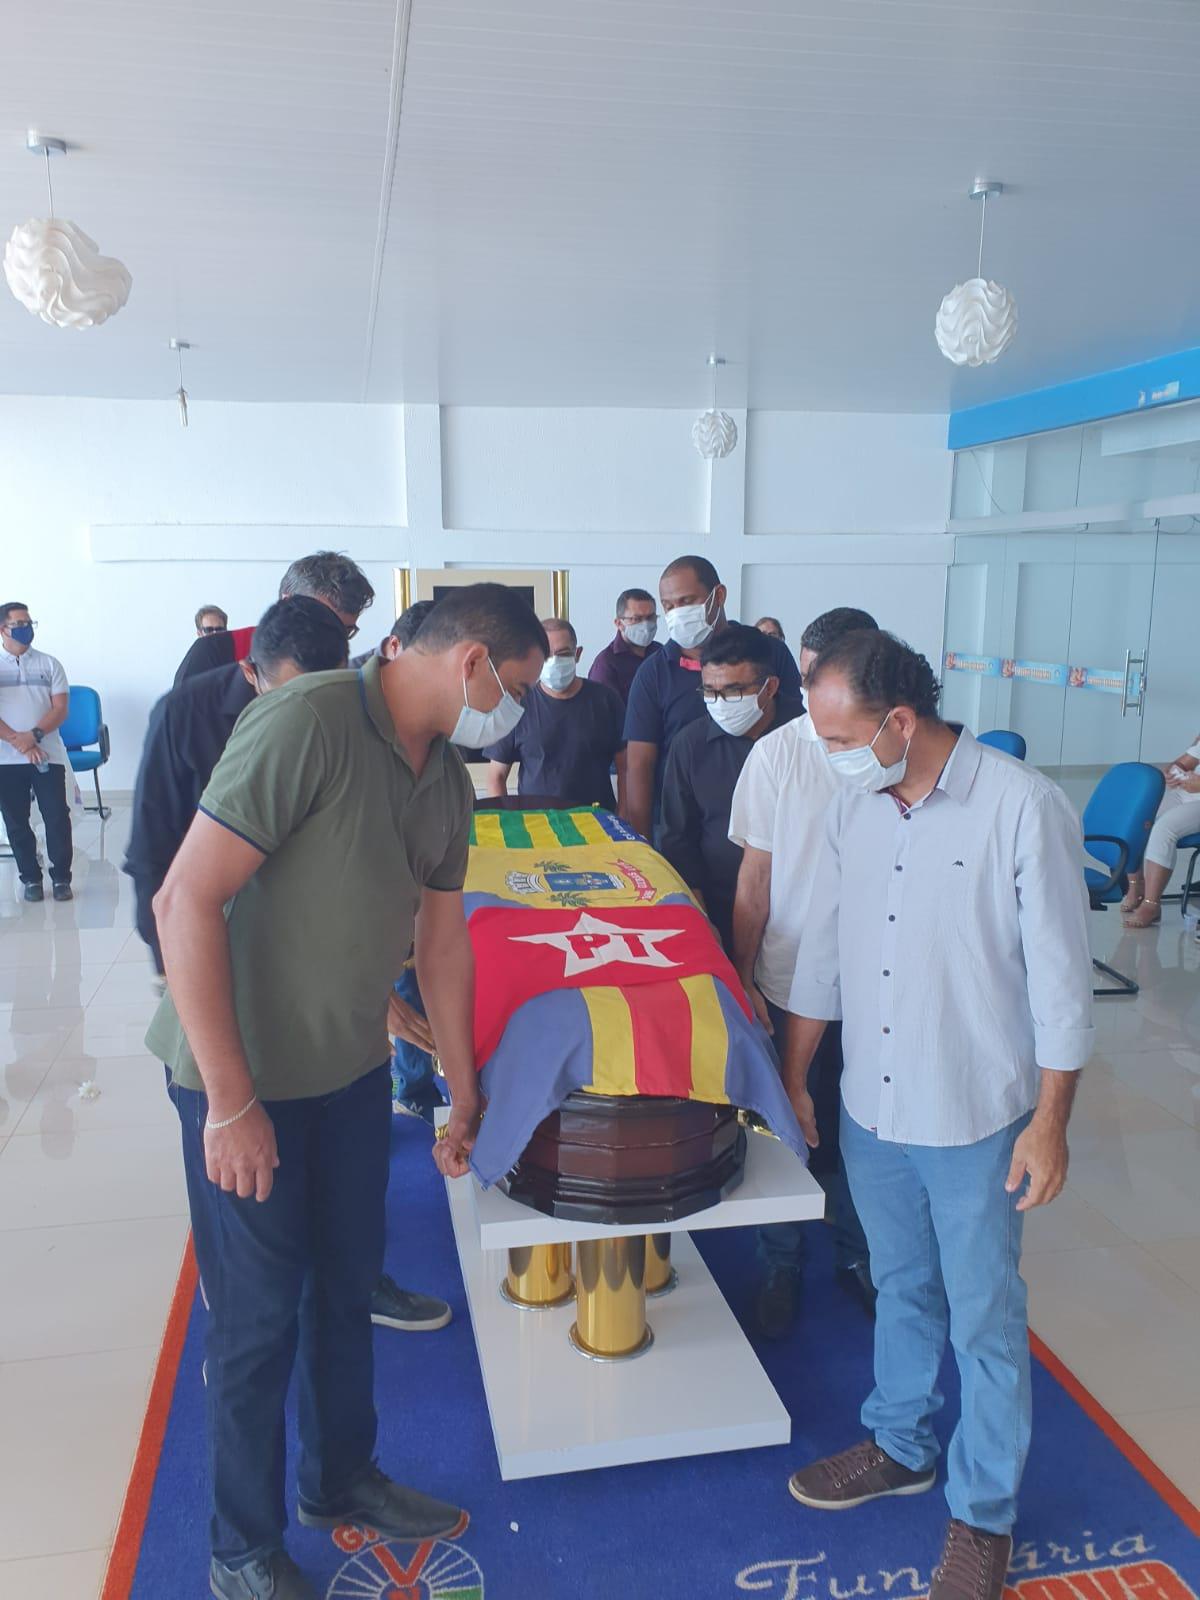 Corpo de Assis Carvalho é sepultado em clima de comoção em Oeiras - Imagem 5